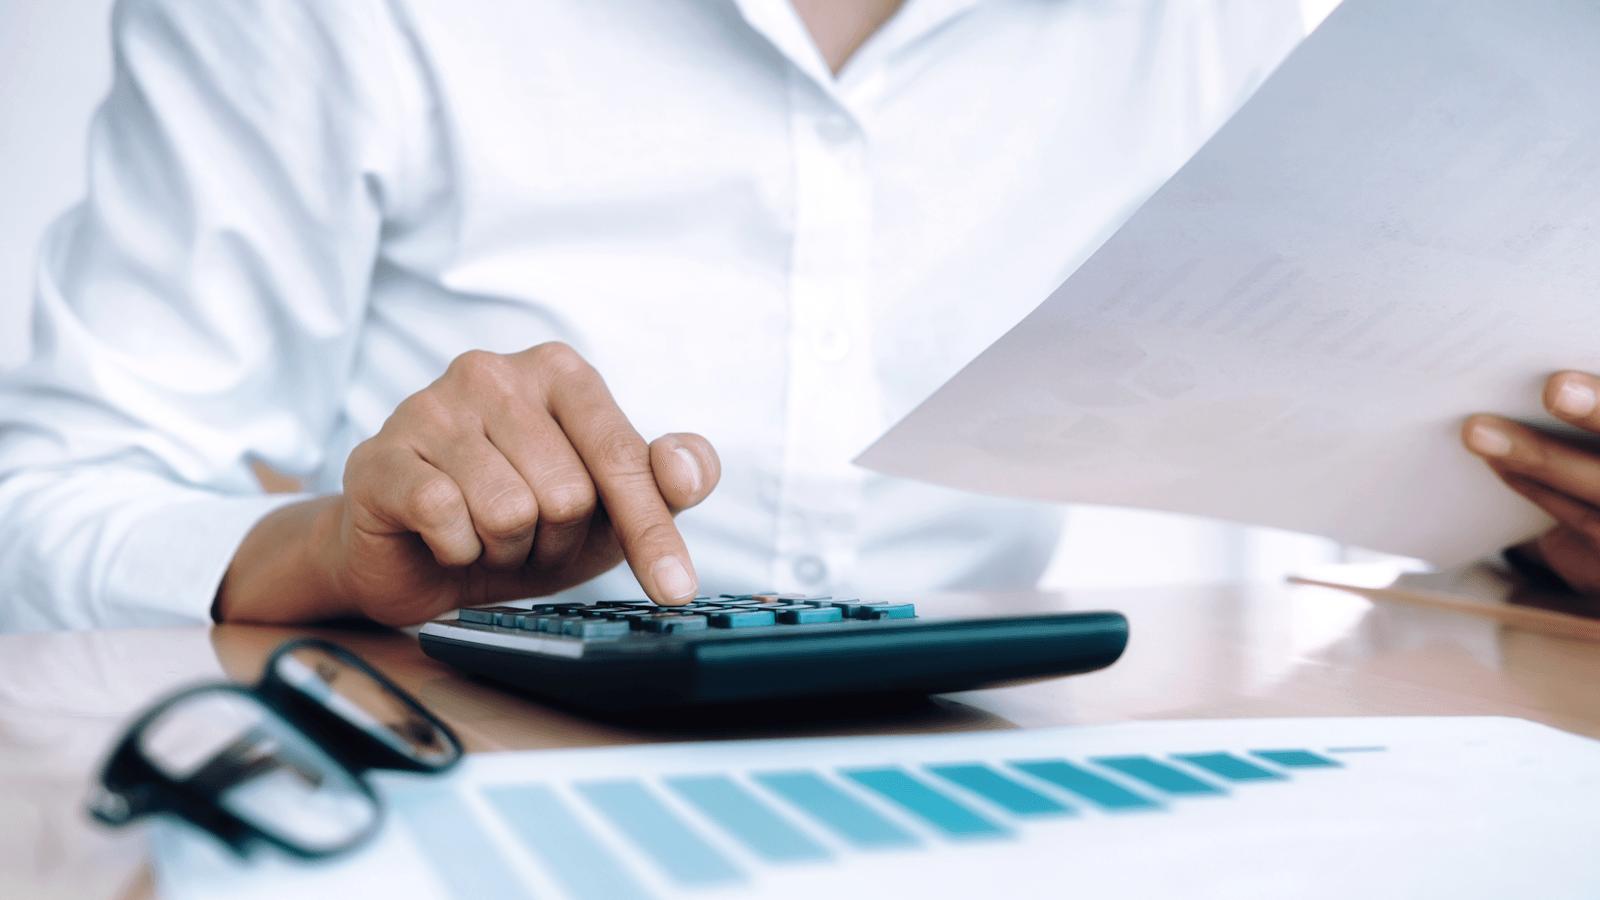 Ở thời đại công nghệ 4.0 phát triển vượt bậc, phương pháp quản lý tài chính cá nhân truyền thống đã được